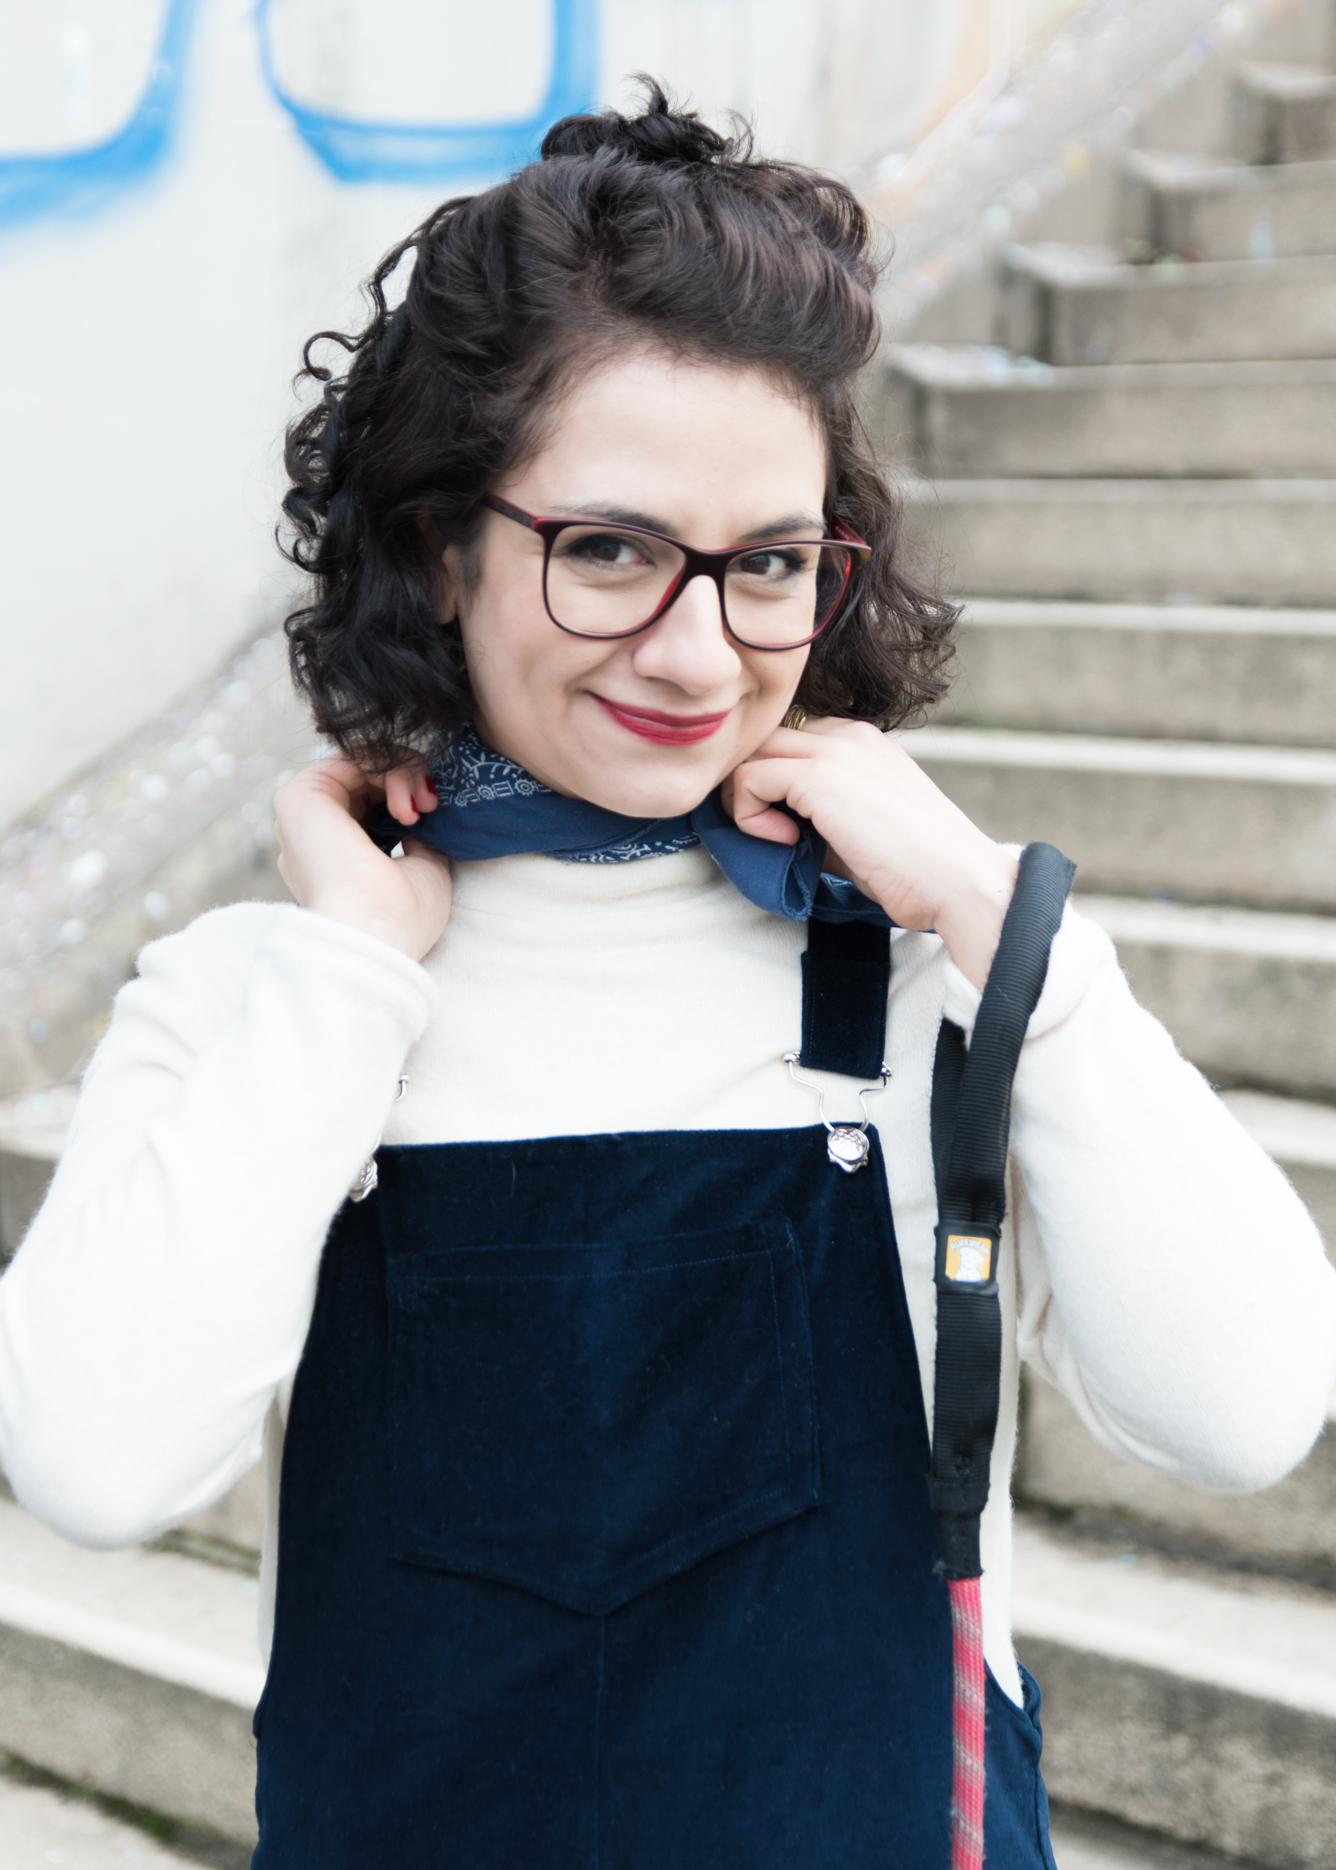 DIY-Fashion Look - Selbstgenähtes Latzkleid aus Samt mit weißem Rolli stylen - Tweed & Greet